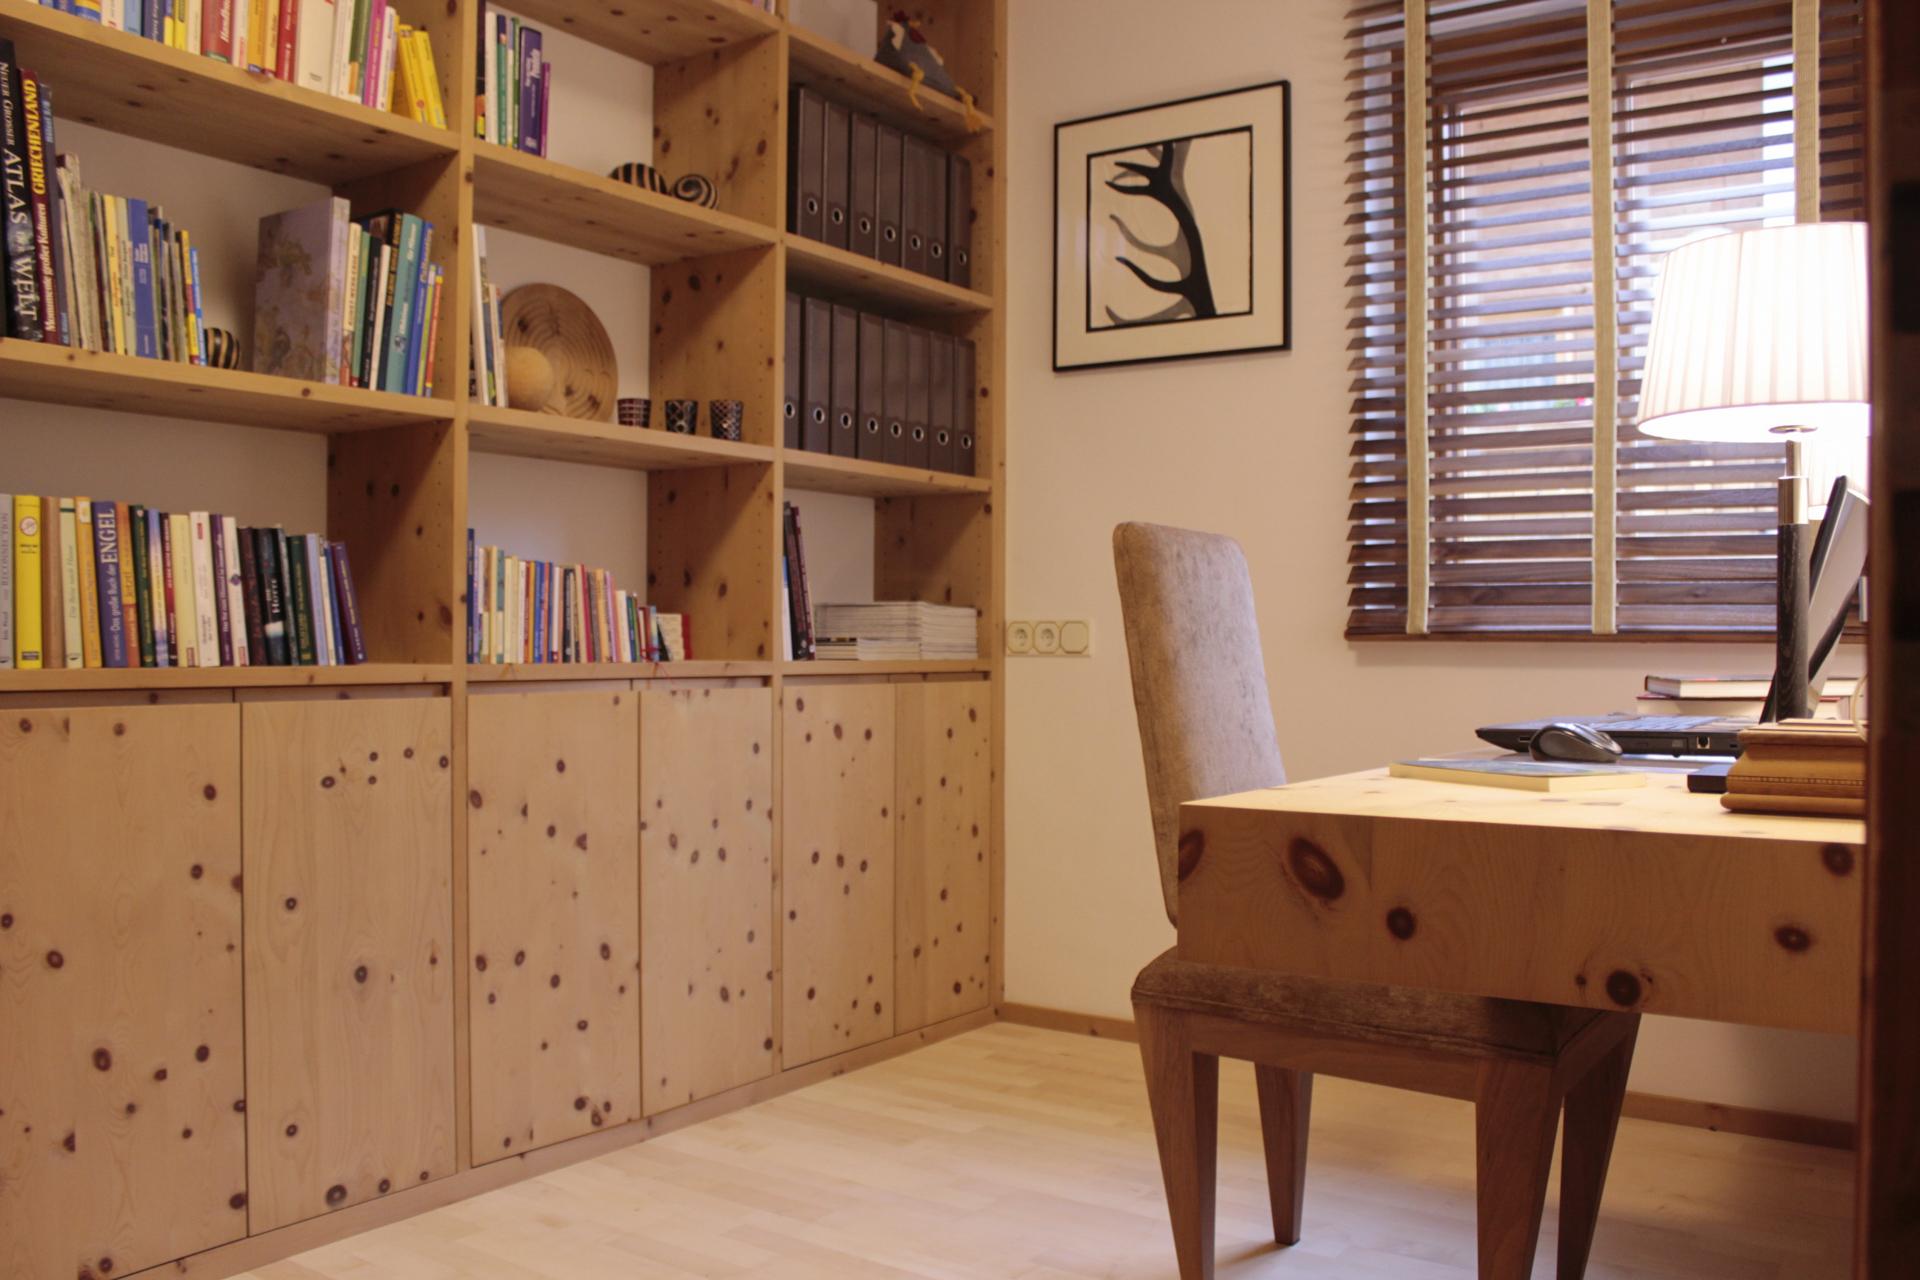 tischlerei-decker-wohnen-arbeitsraum-schreibtisch